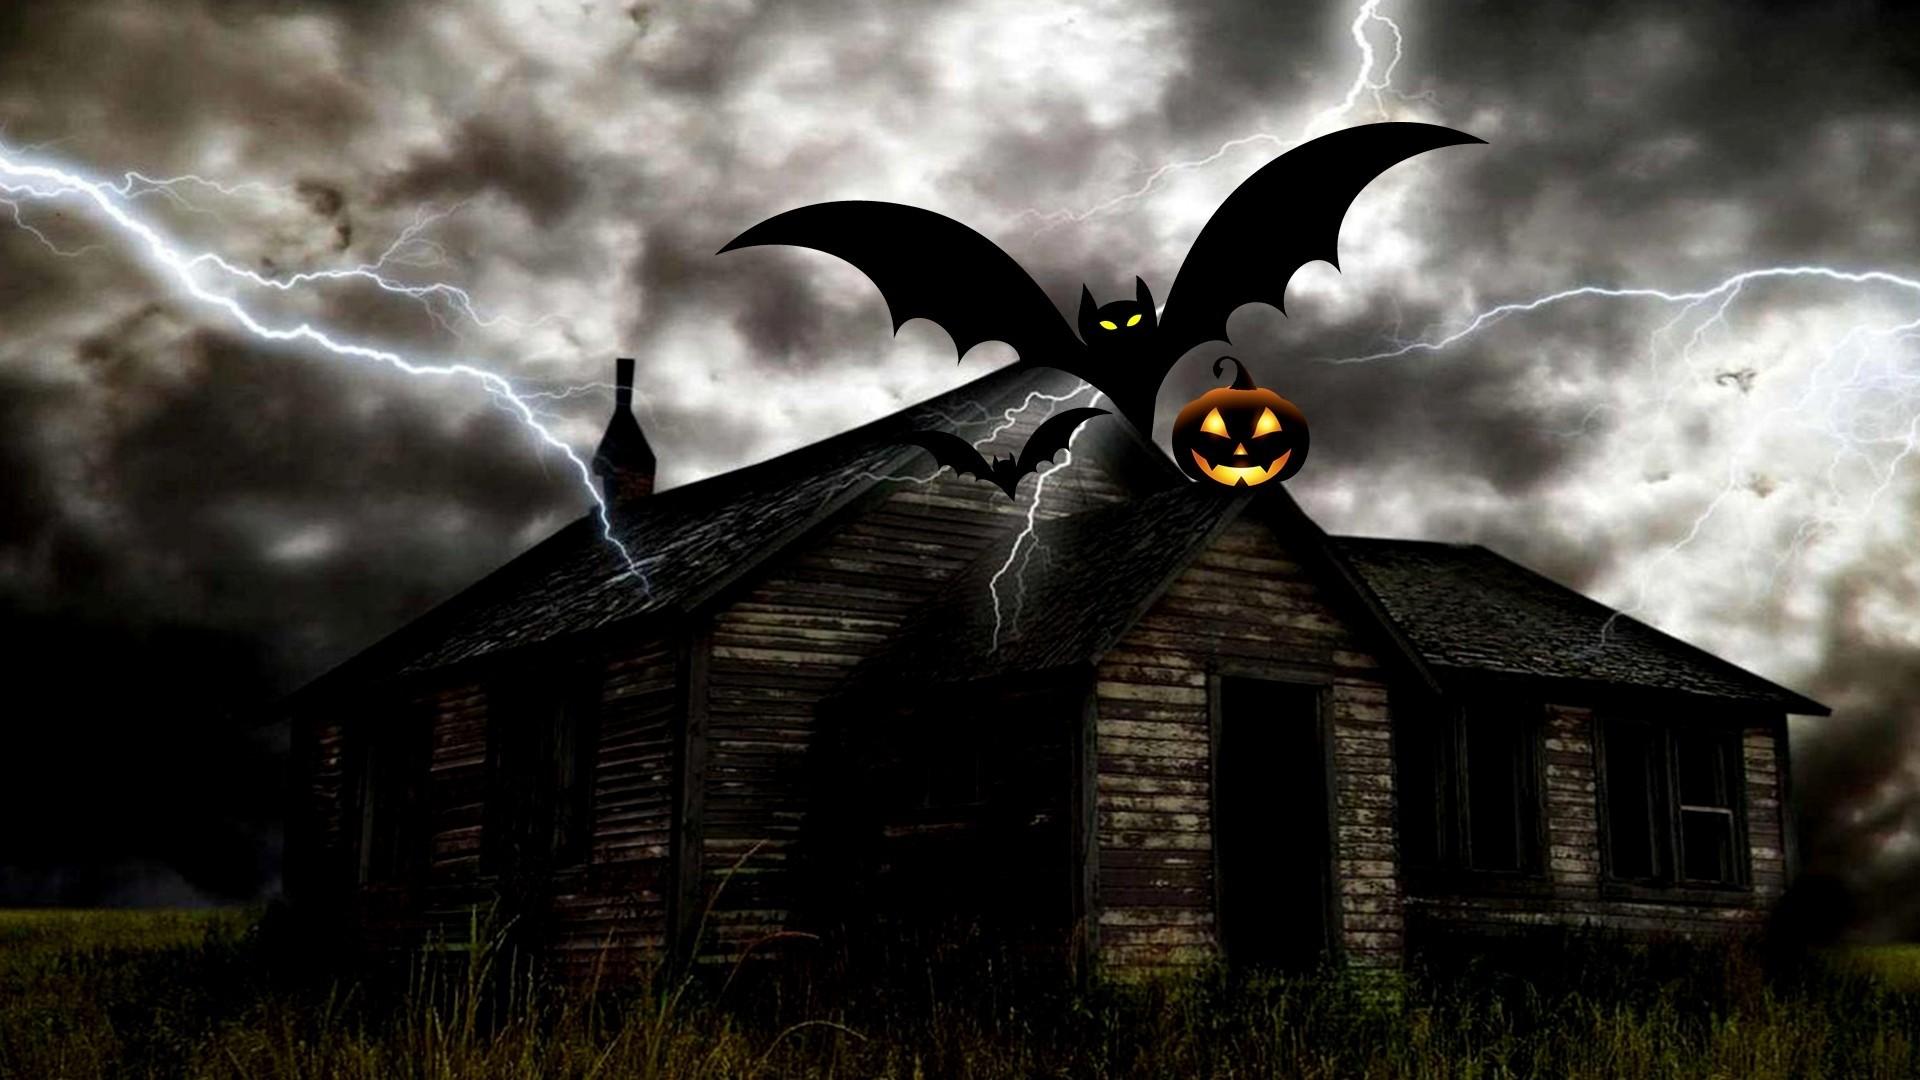 Bat HD Wallpaper